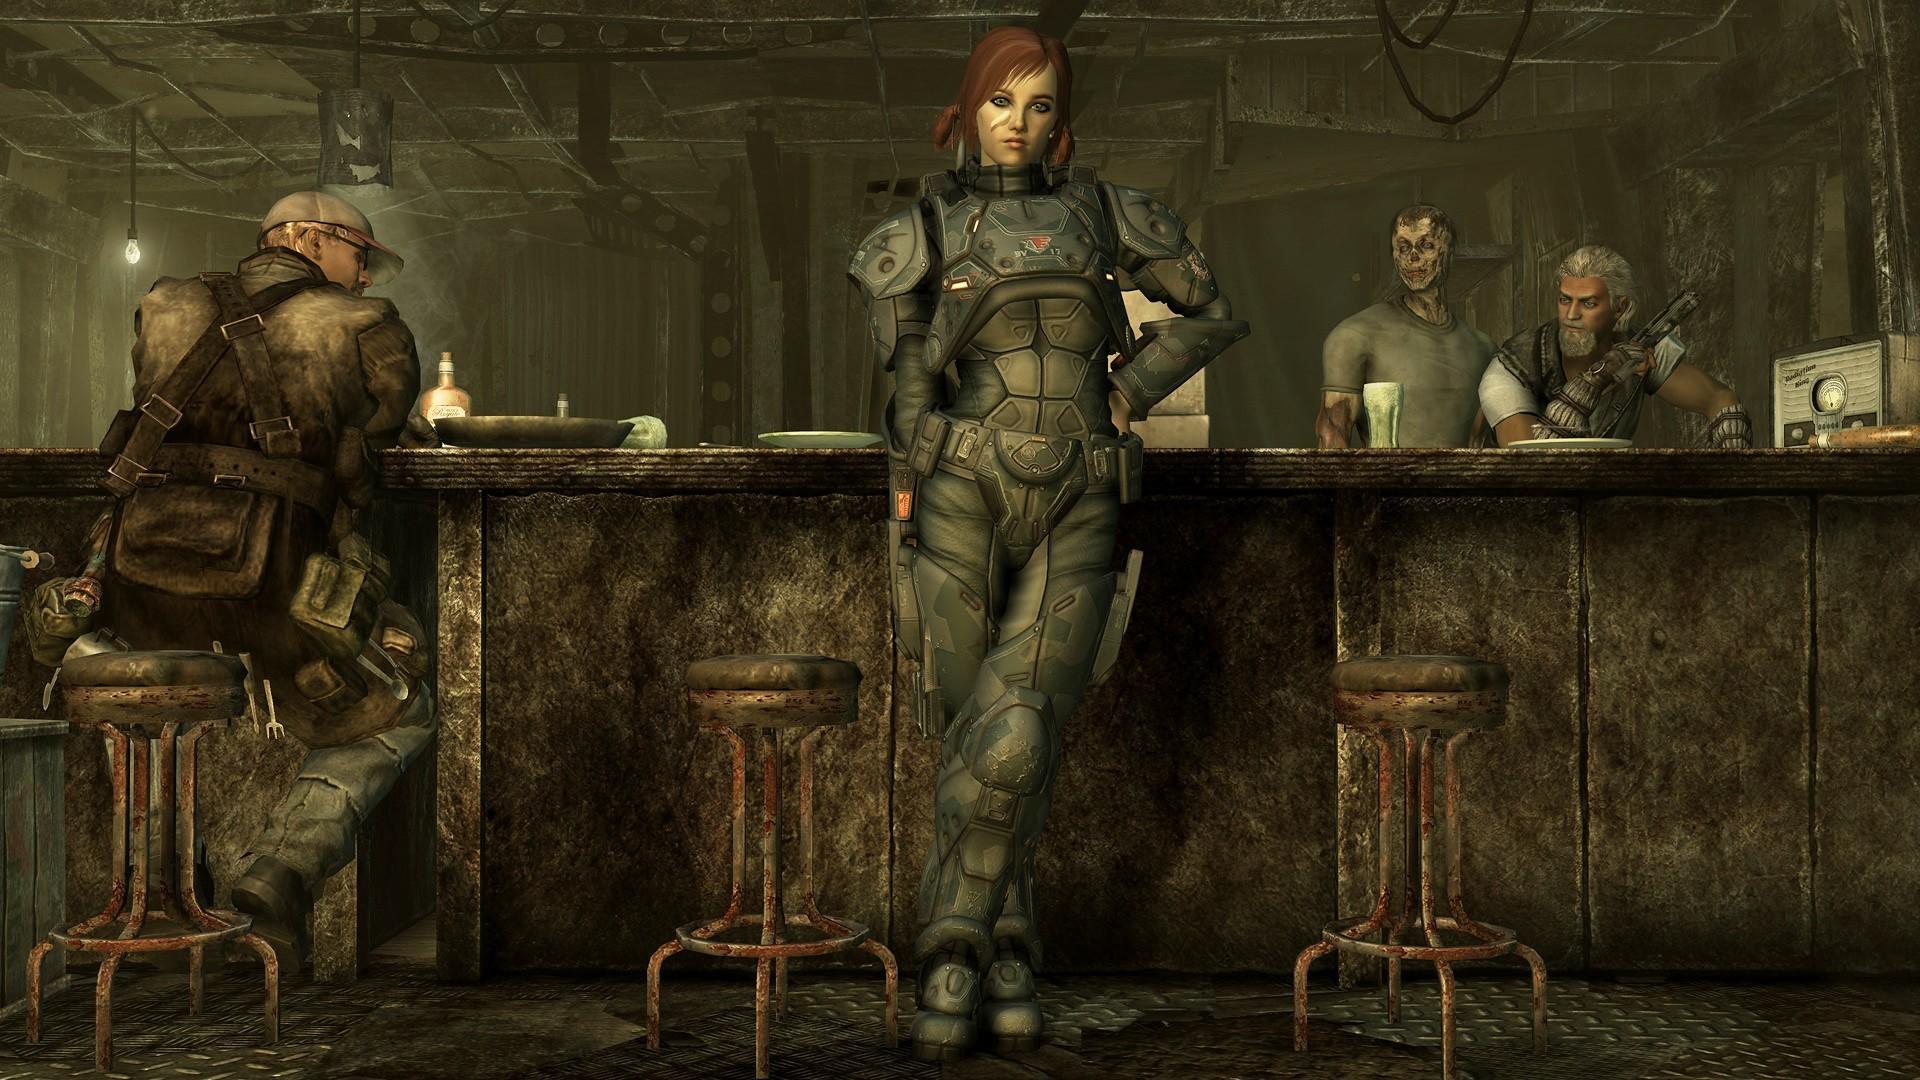 1920x1080 Fallout 3 Wallpaper